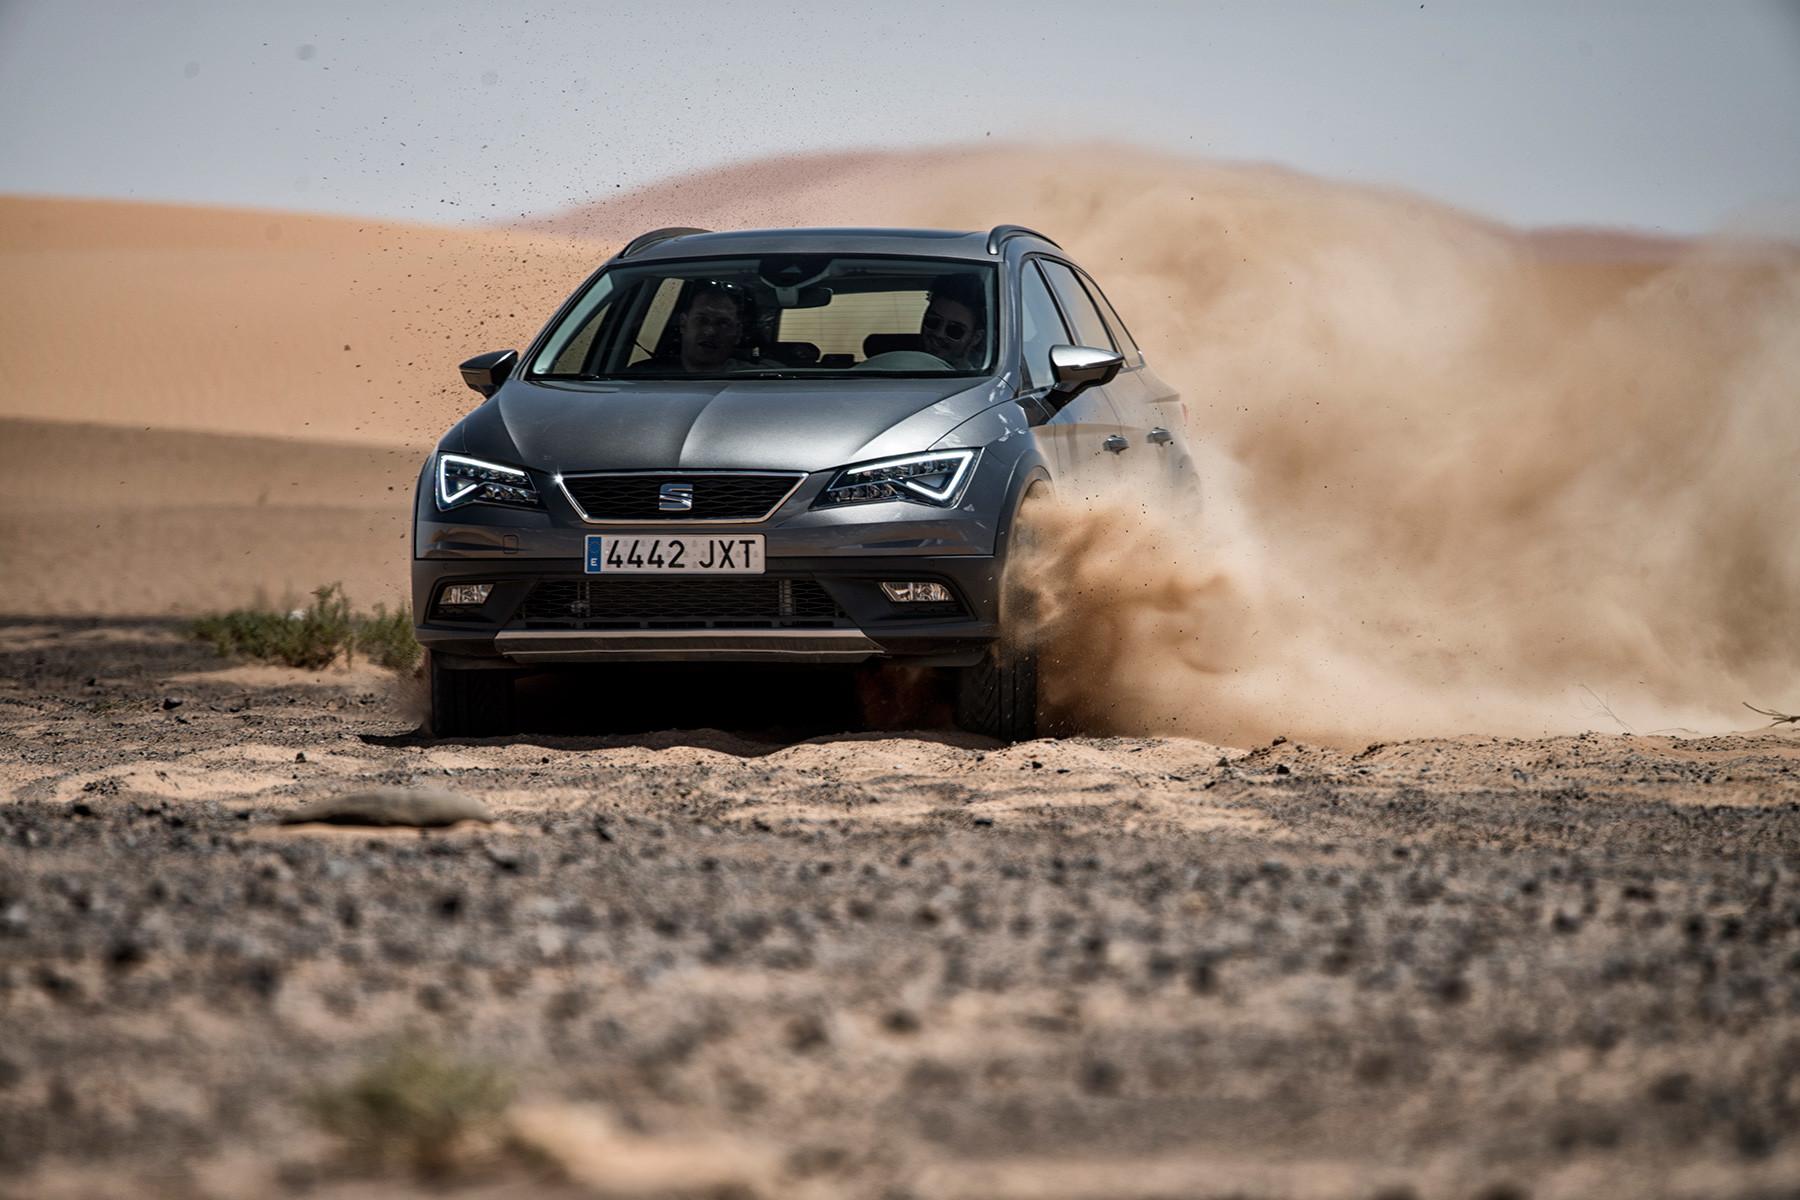 Foto de SEAT León X-Perience en el Sáhara (1/6)